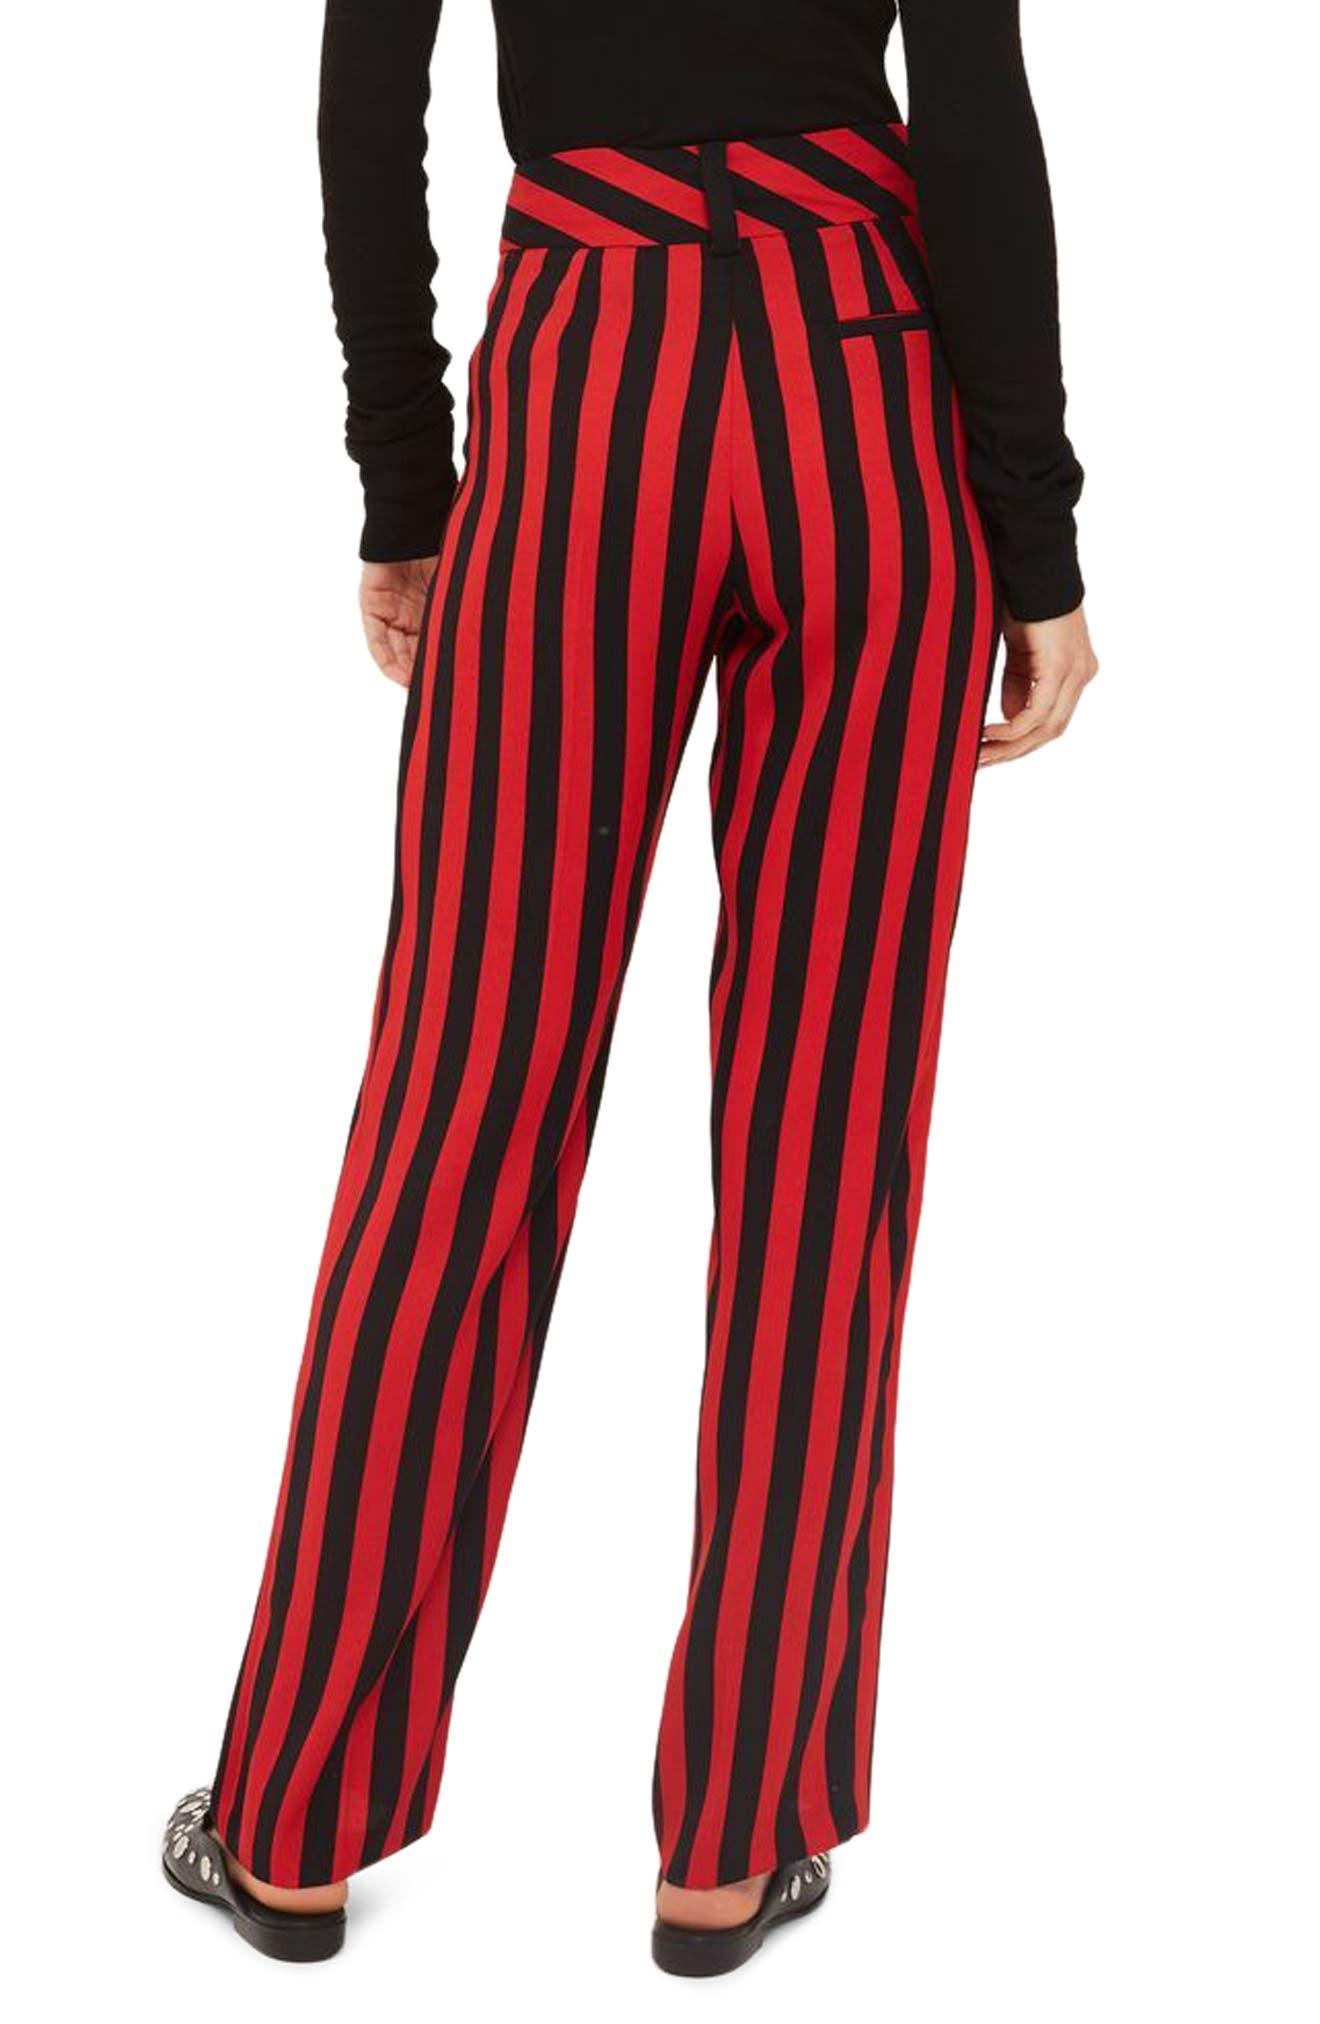 Humbug Stripe Trousers,                             Alternate thumbnail 4, color,